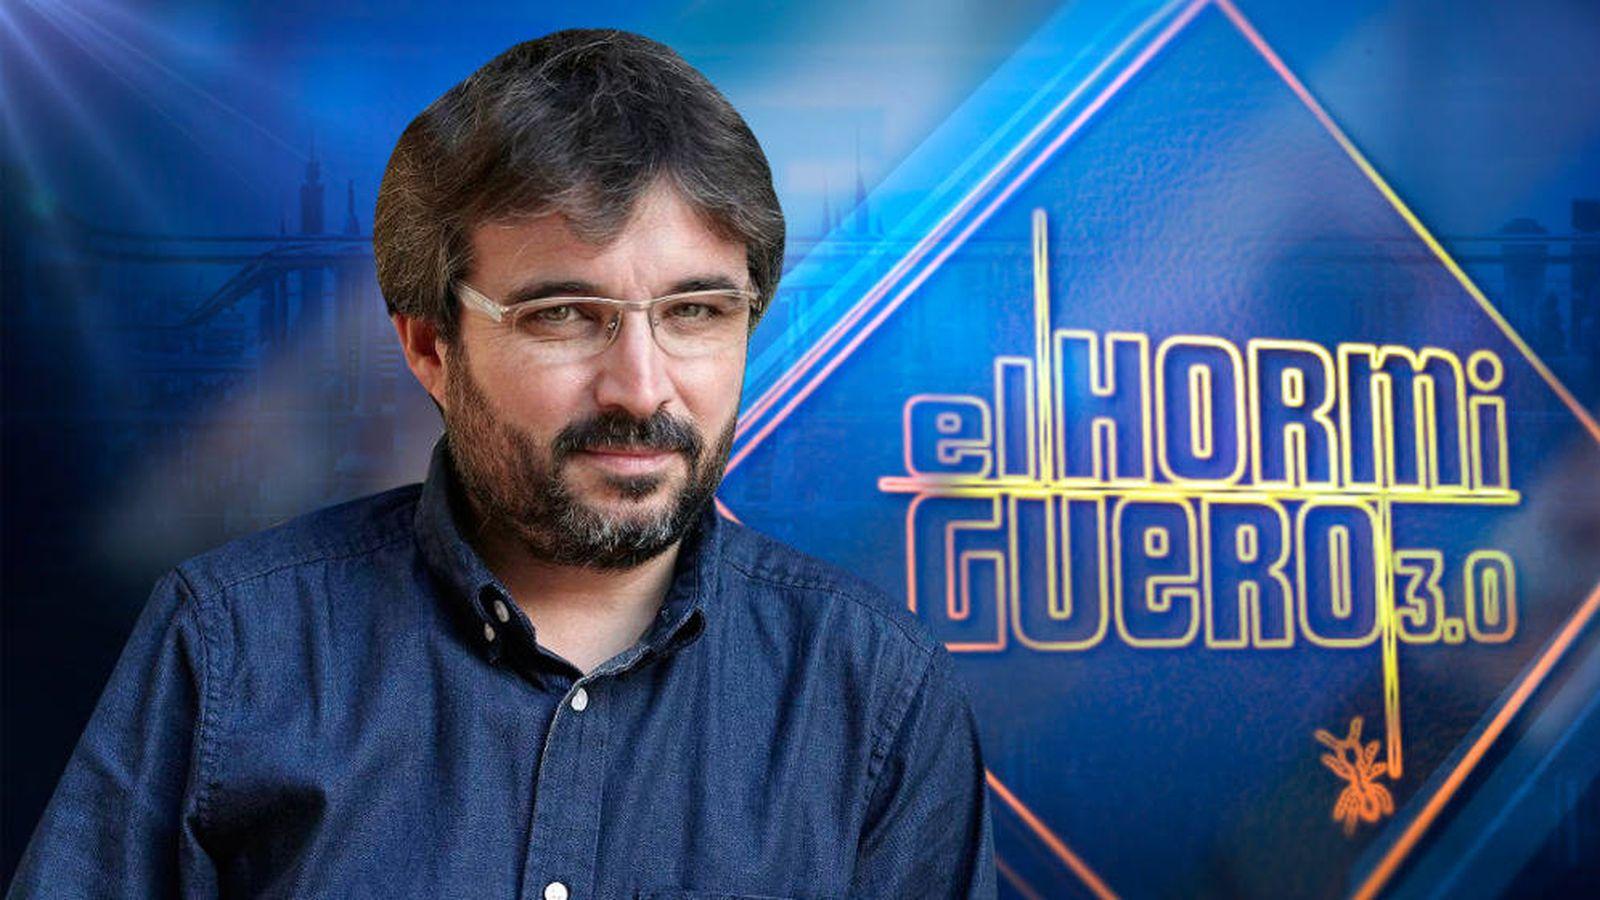 Foto: El presentador Jordi Évole.